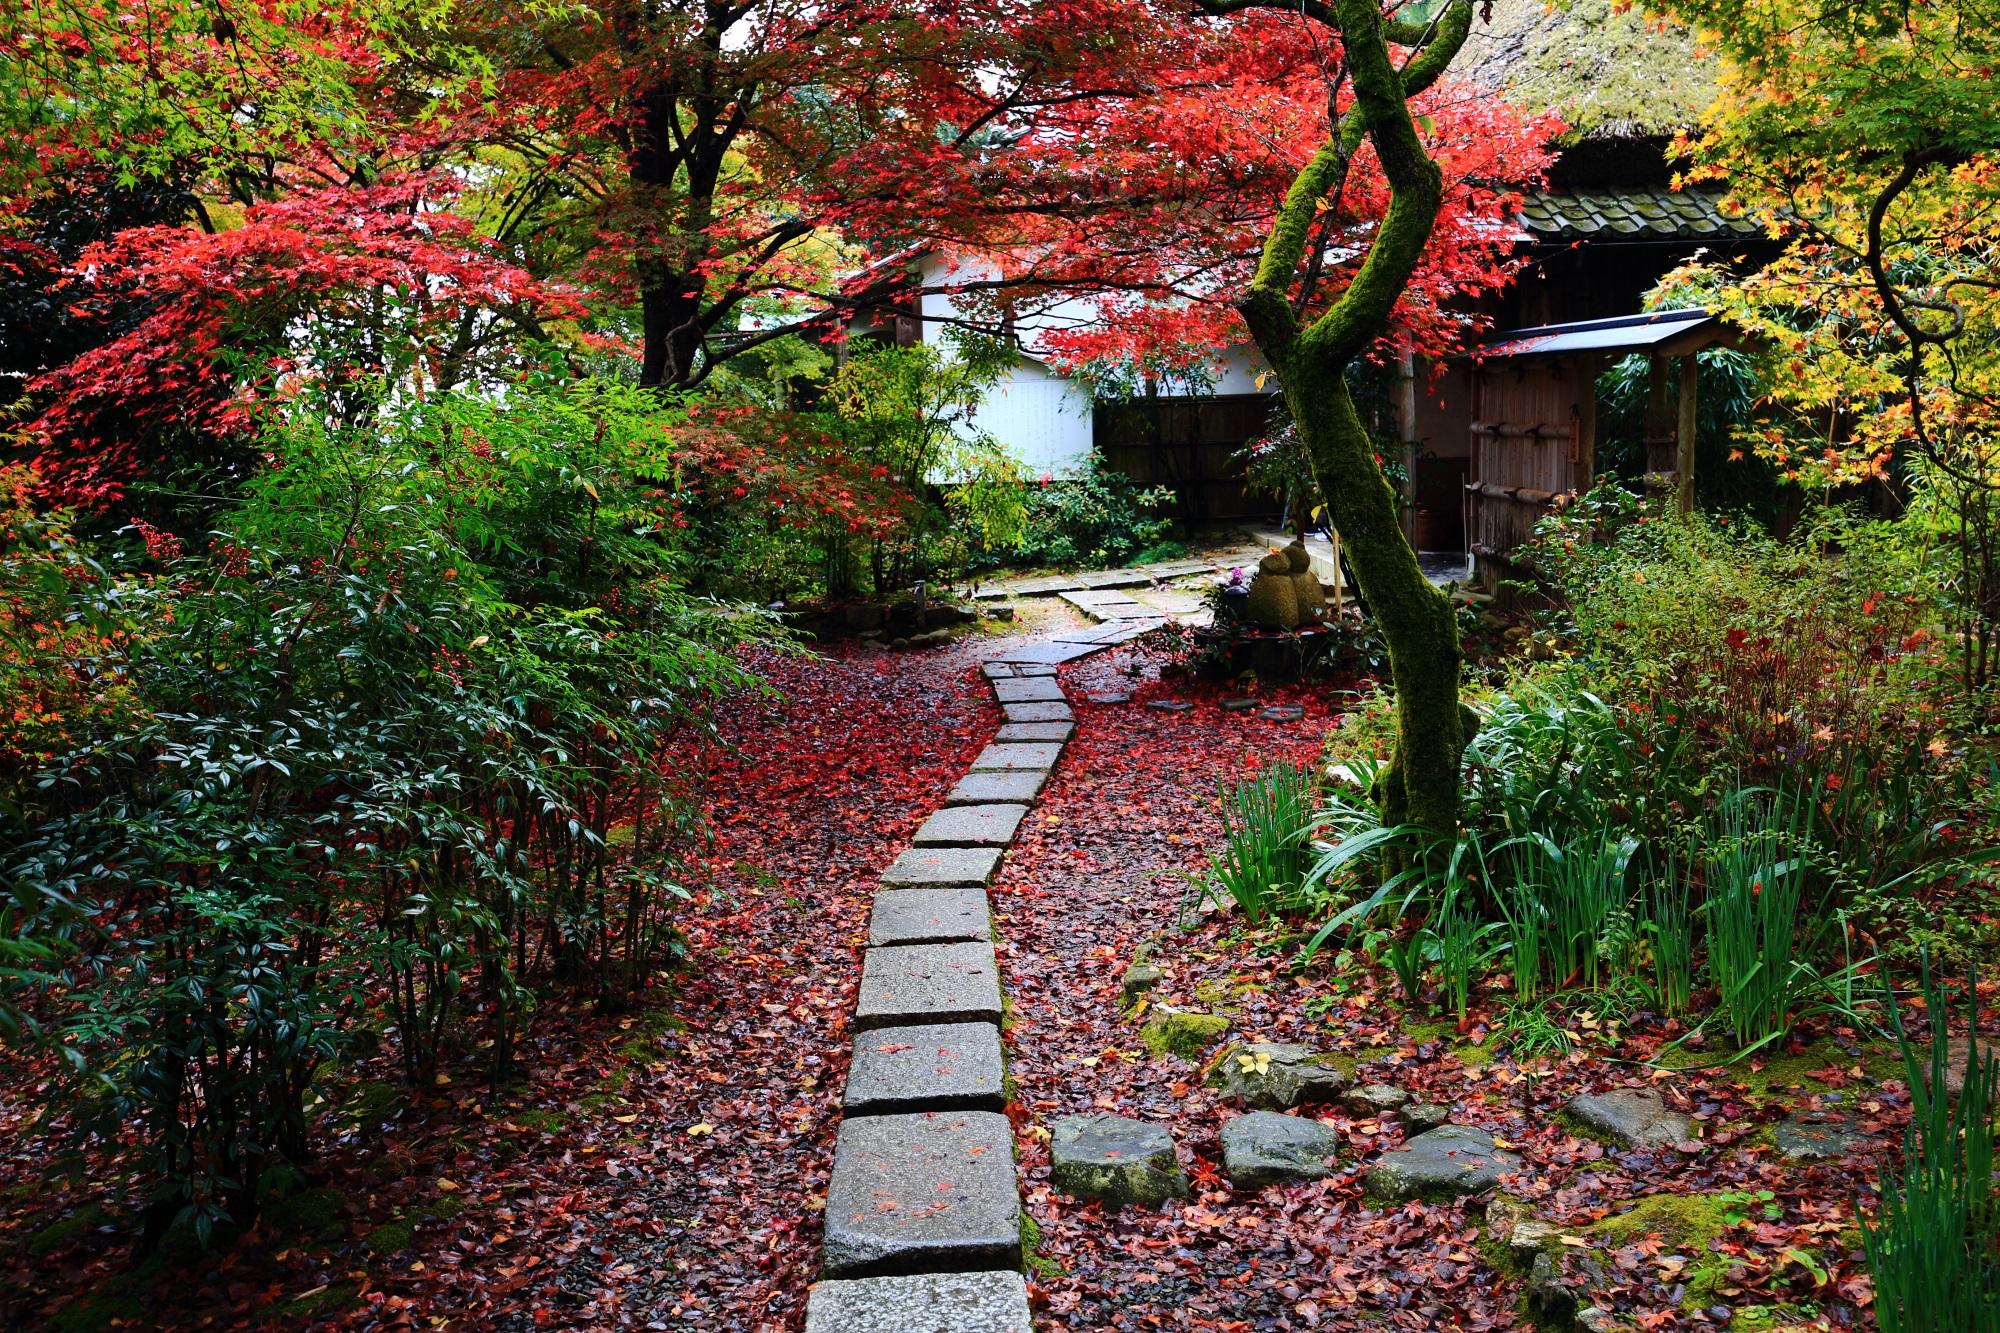 紅葉の穴場の嵯峨直指庵(じきしあん)の本堂前の華やかな紅葉